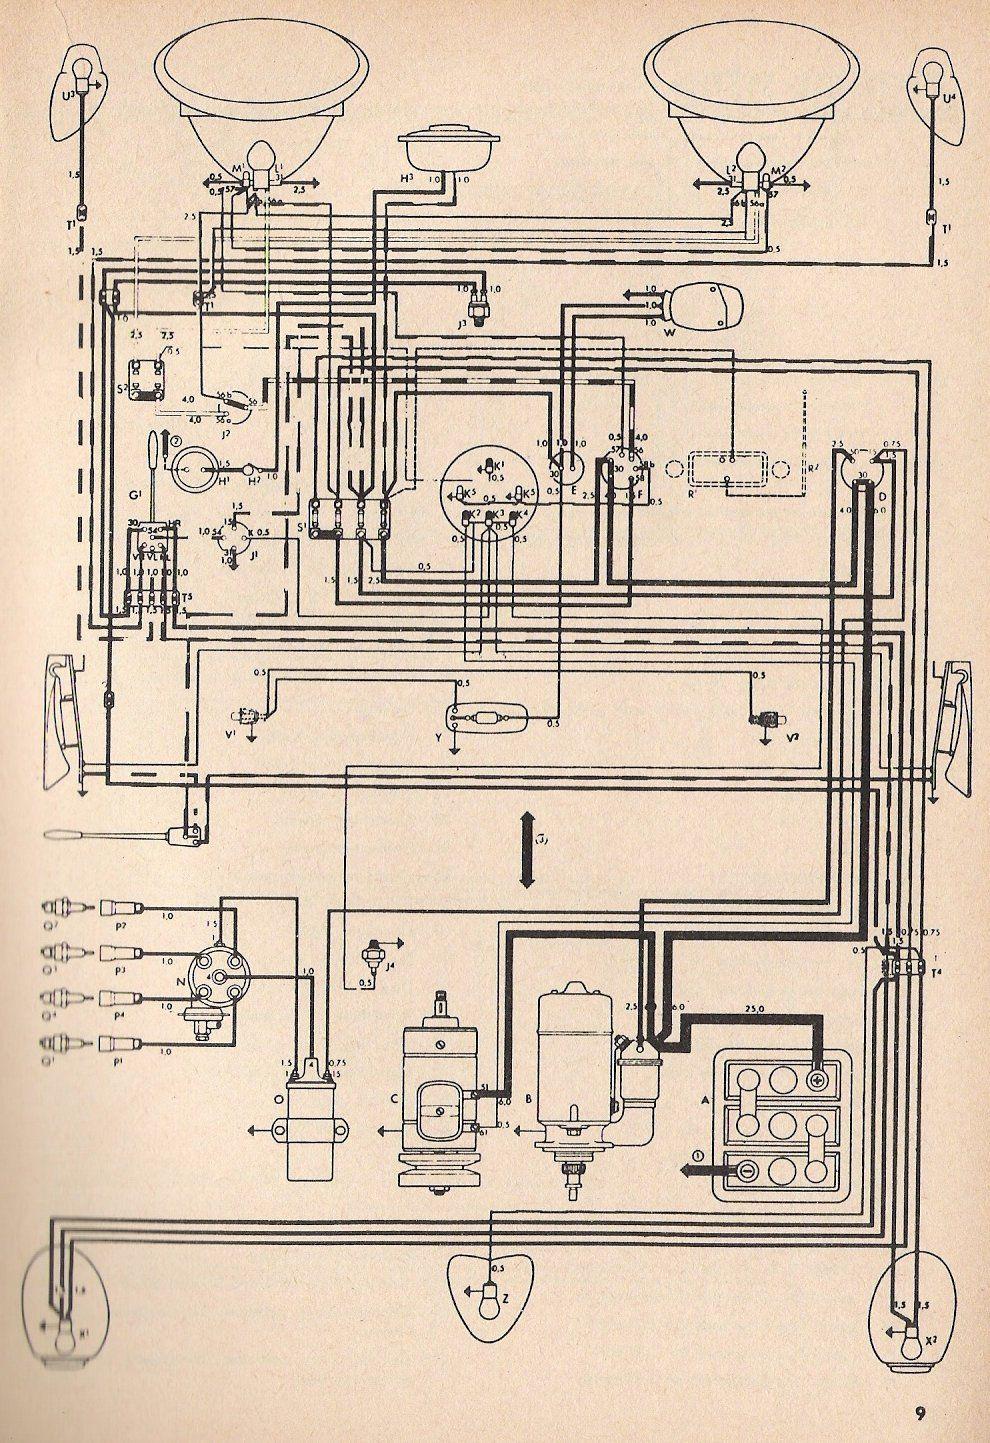 1955 Beetle Wiring Diagram